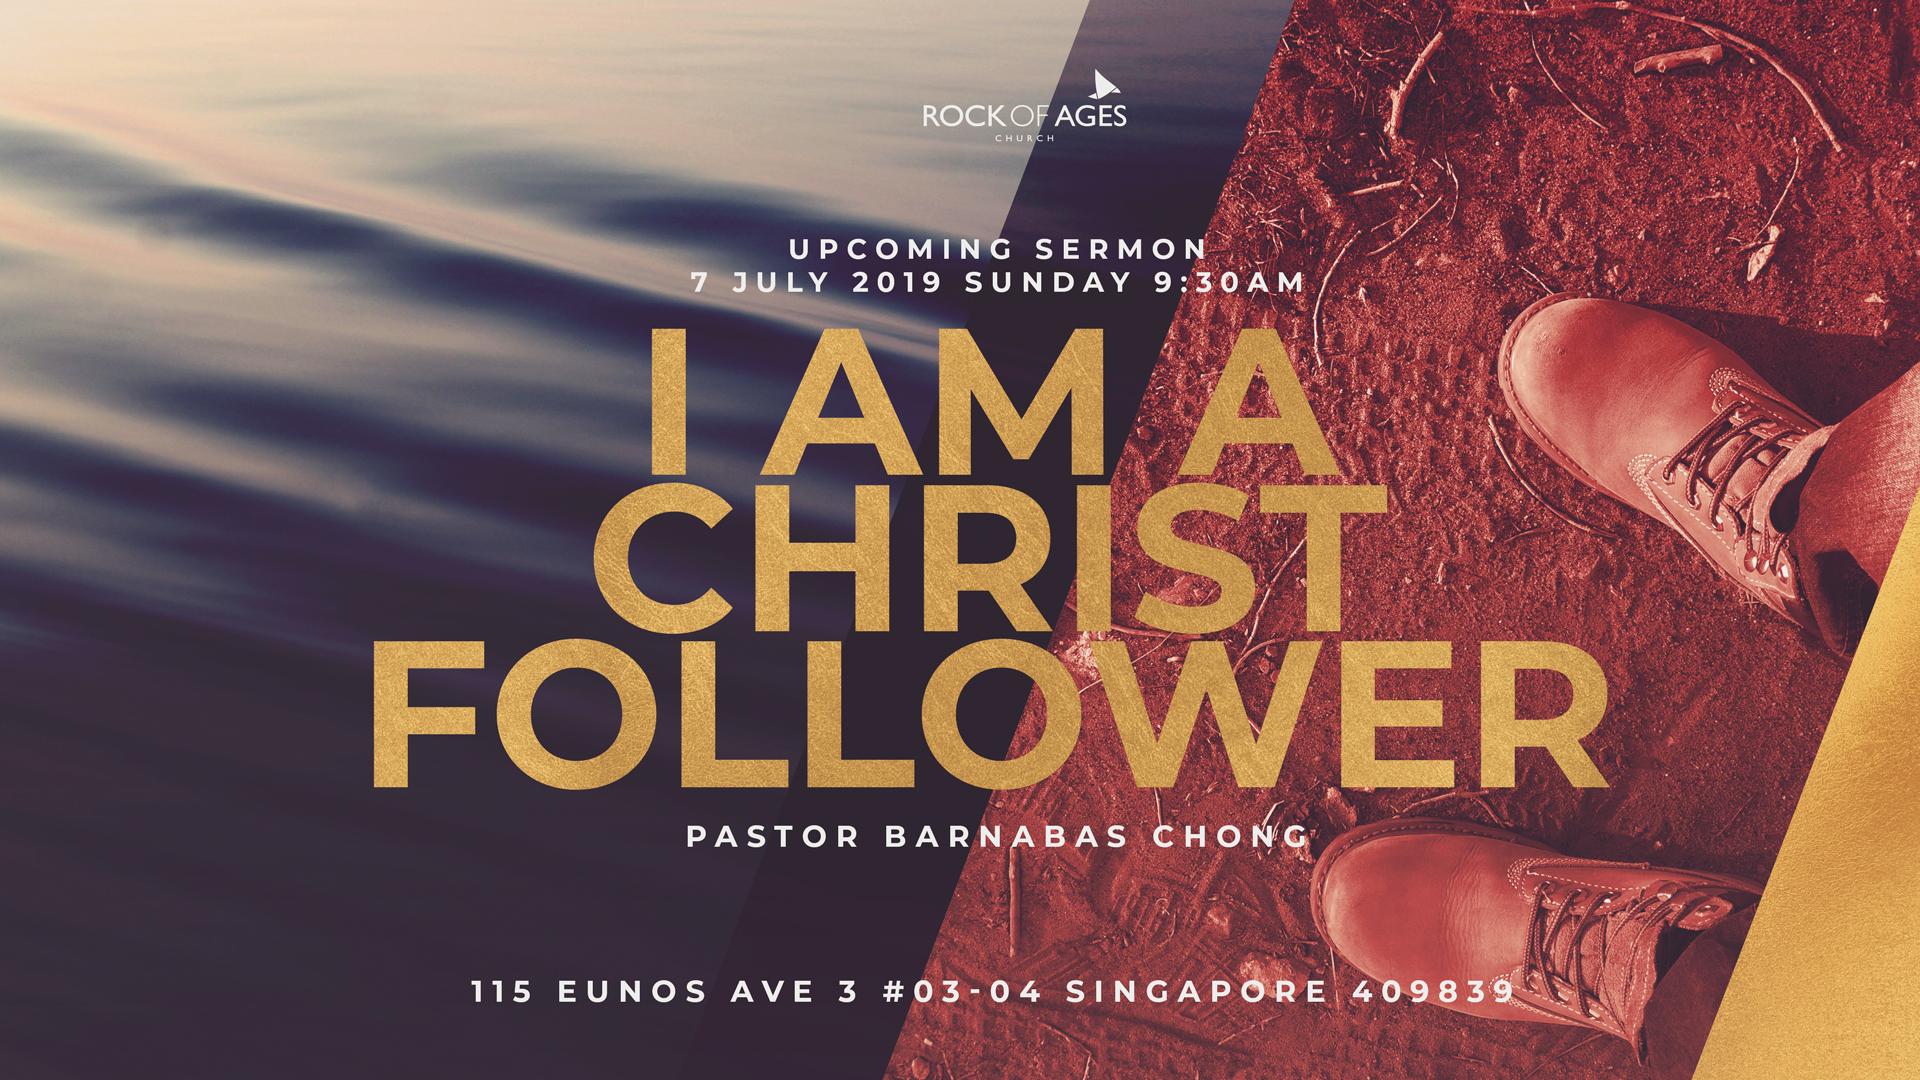 I-am-A-Christ-Follower---Ps-Barnabas-Chong.jpg